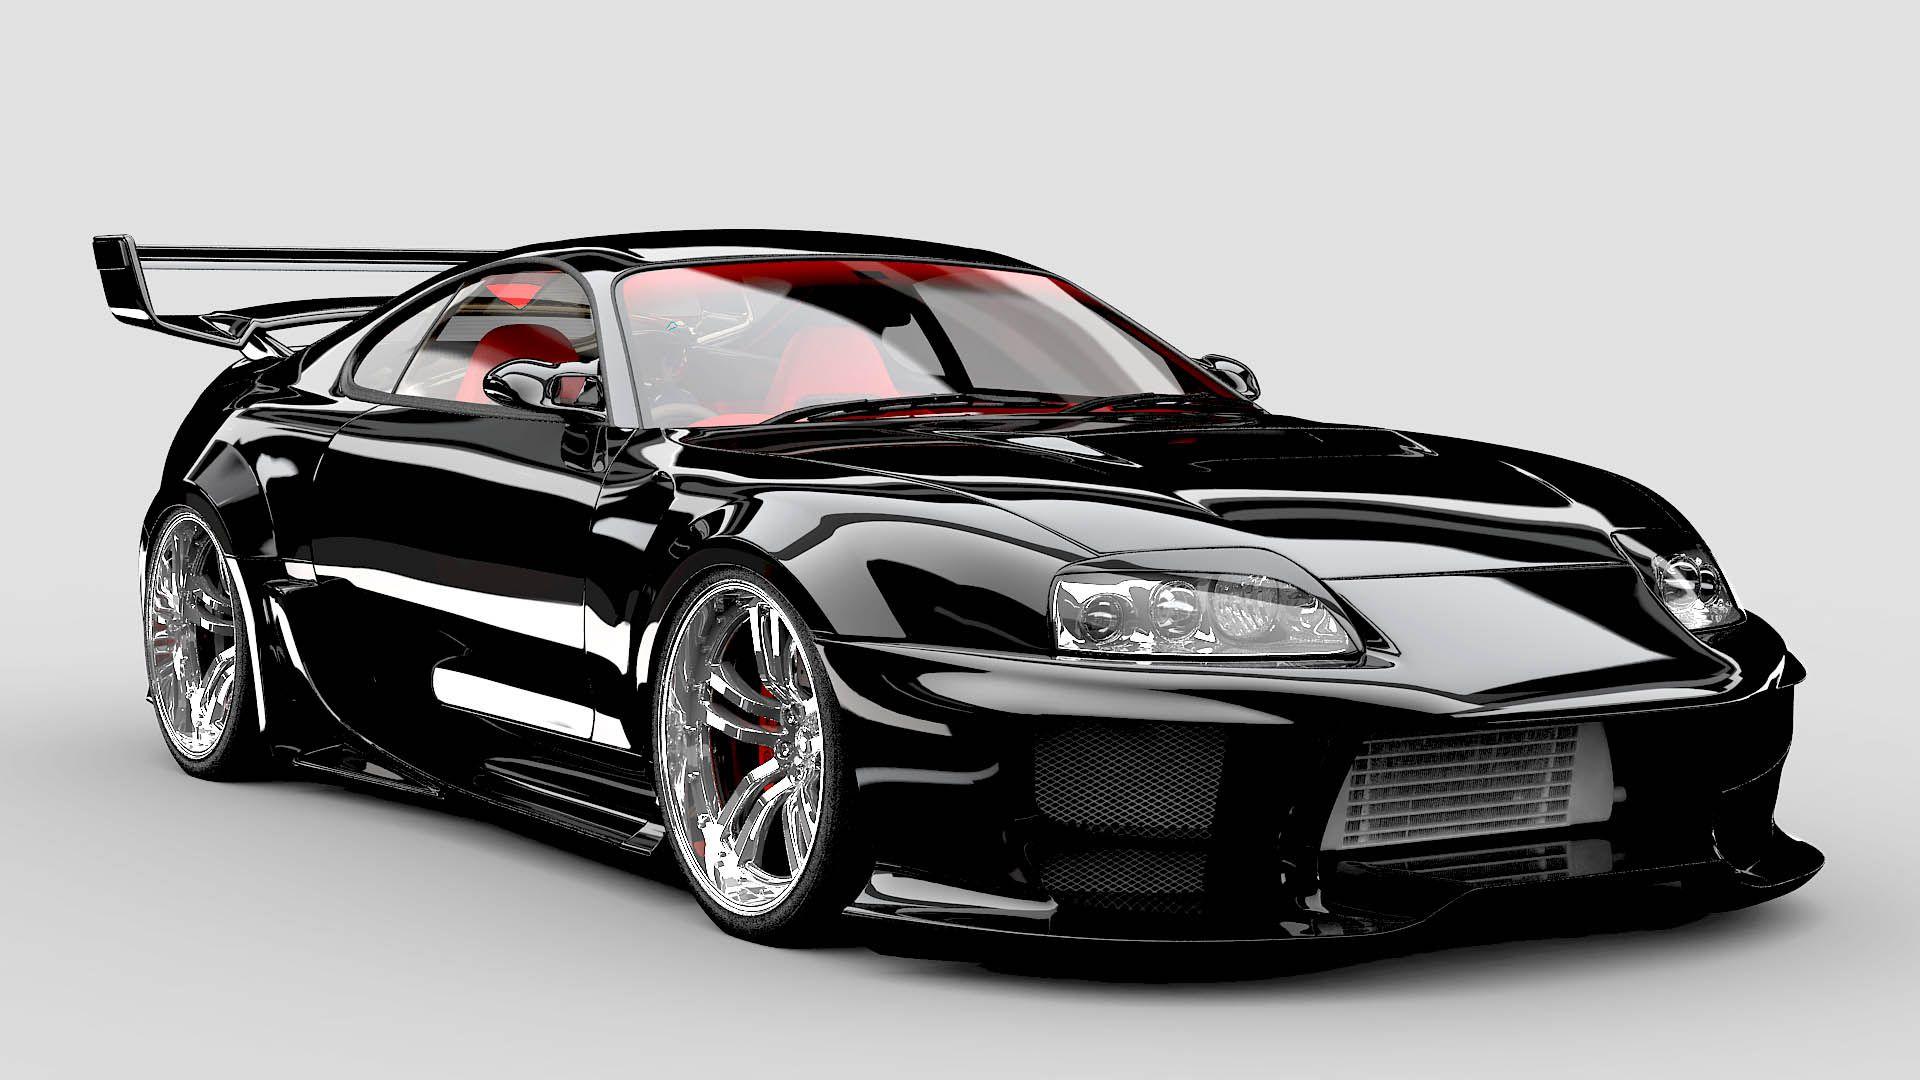 Cool Toyota Supra Modified In Black Wallpaper